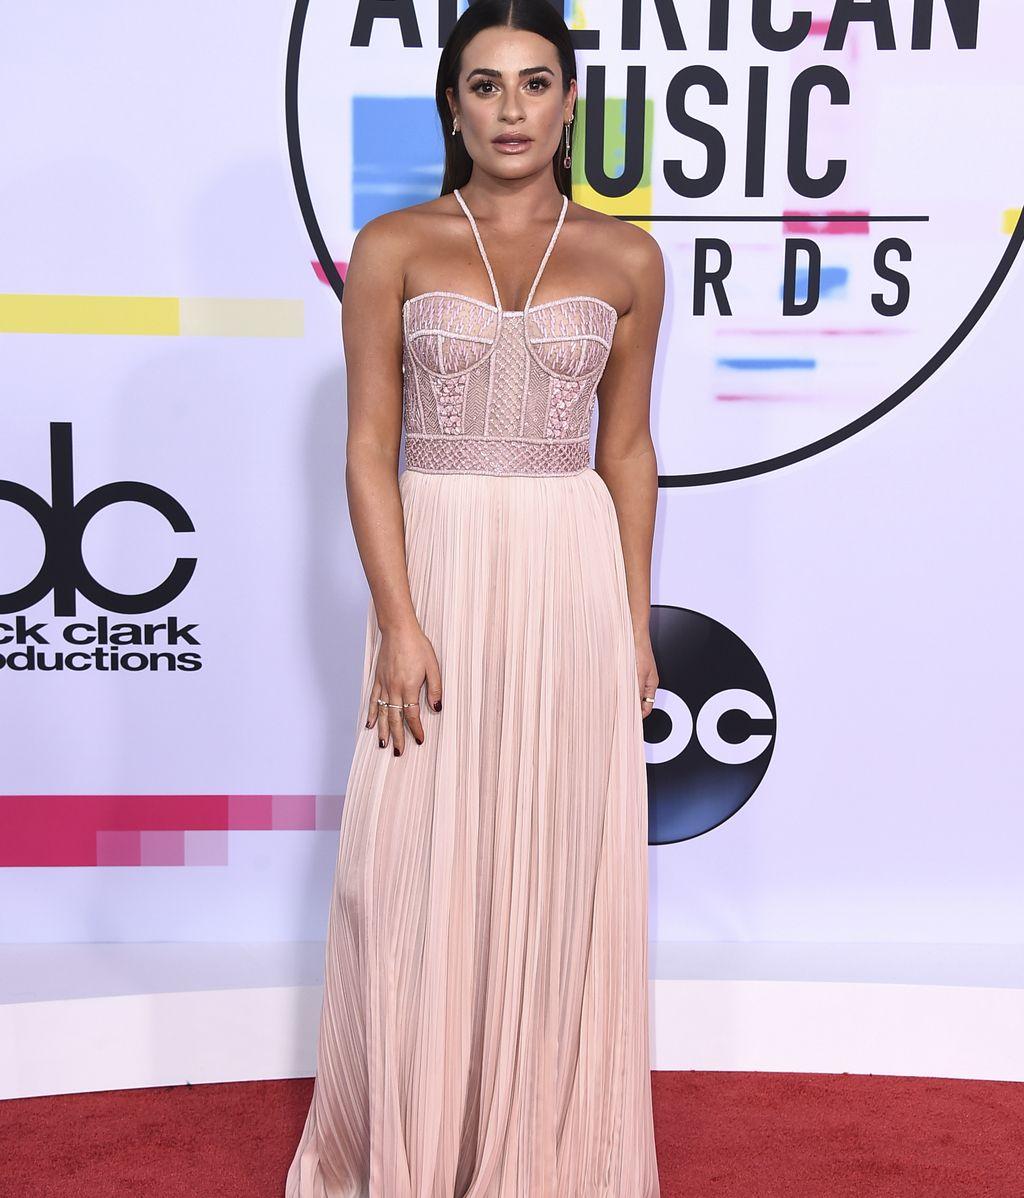 Lea Michelle posó con un vestido en rosa empolvado, con corsé y falda de gasa, diseñado por J. Mendel